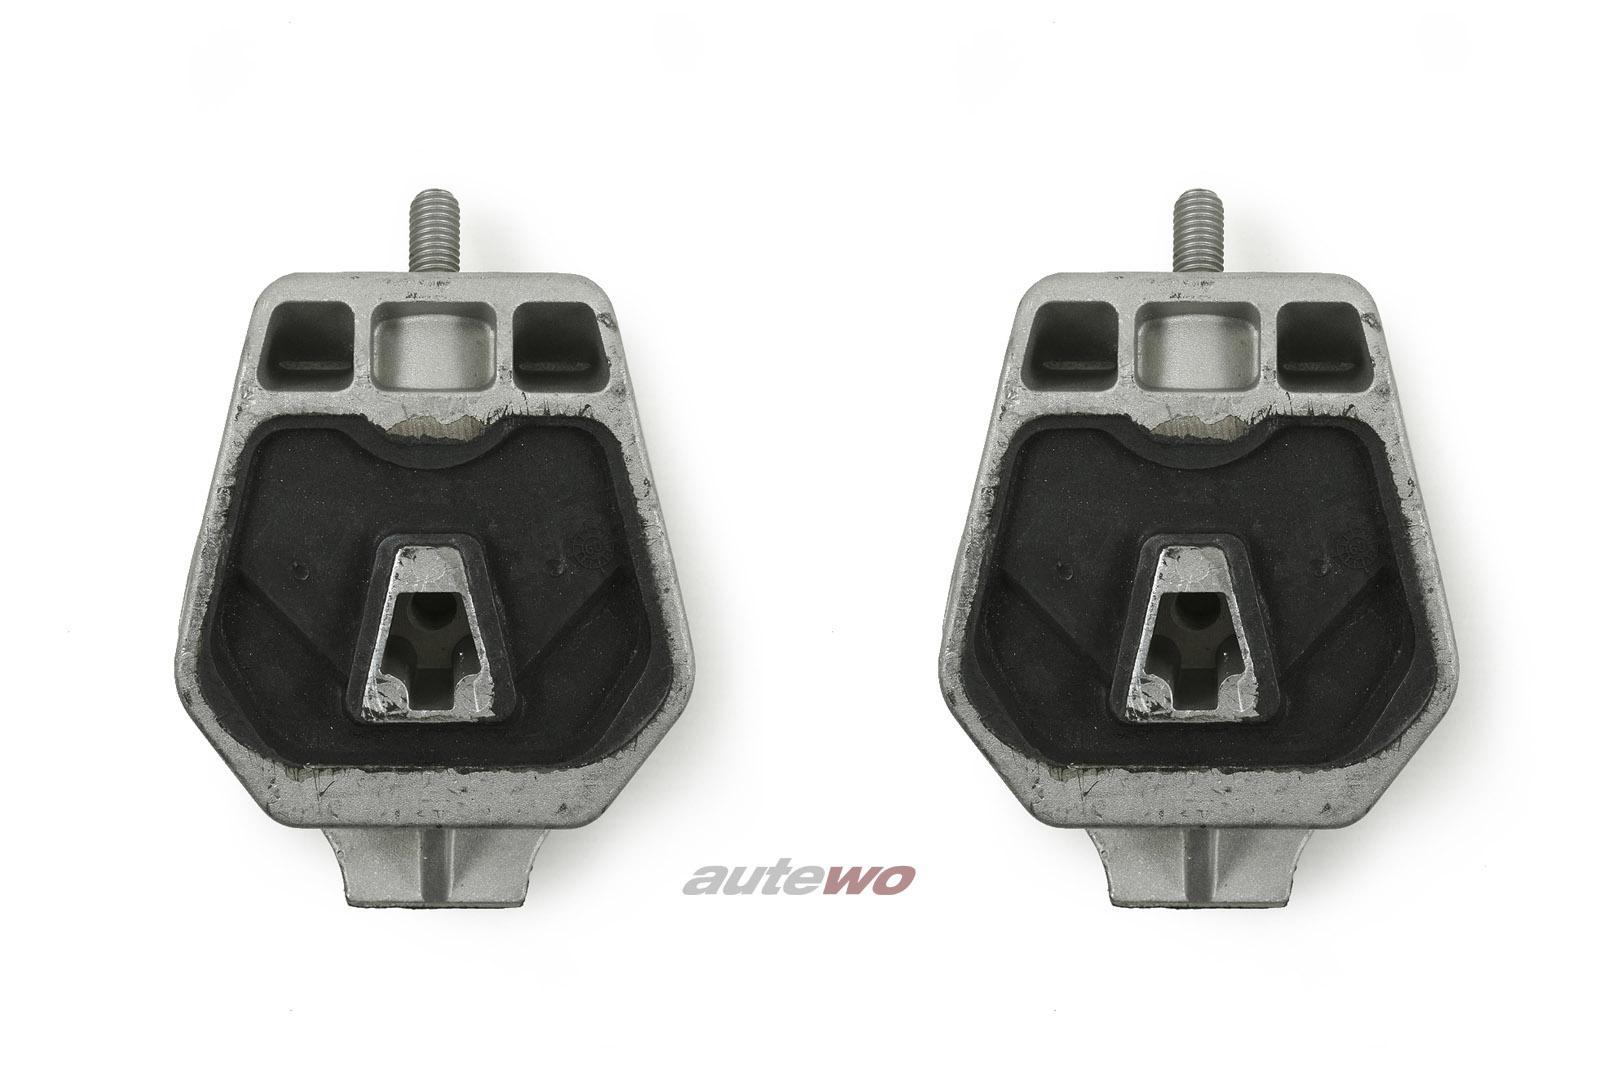 034 Audi 100/S4/A6/S6/S6+ C4 Limousine/Avant 2x verstärkte Getriebelager